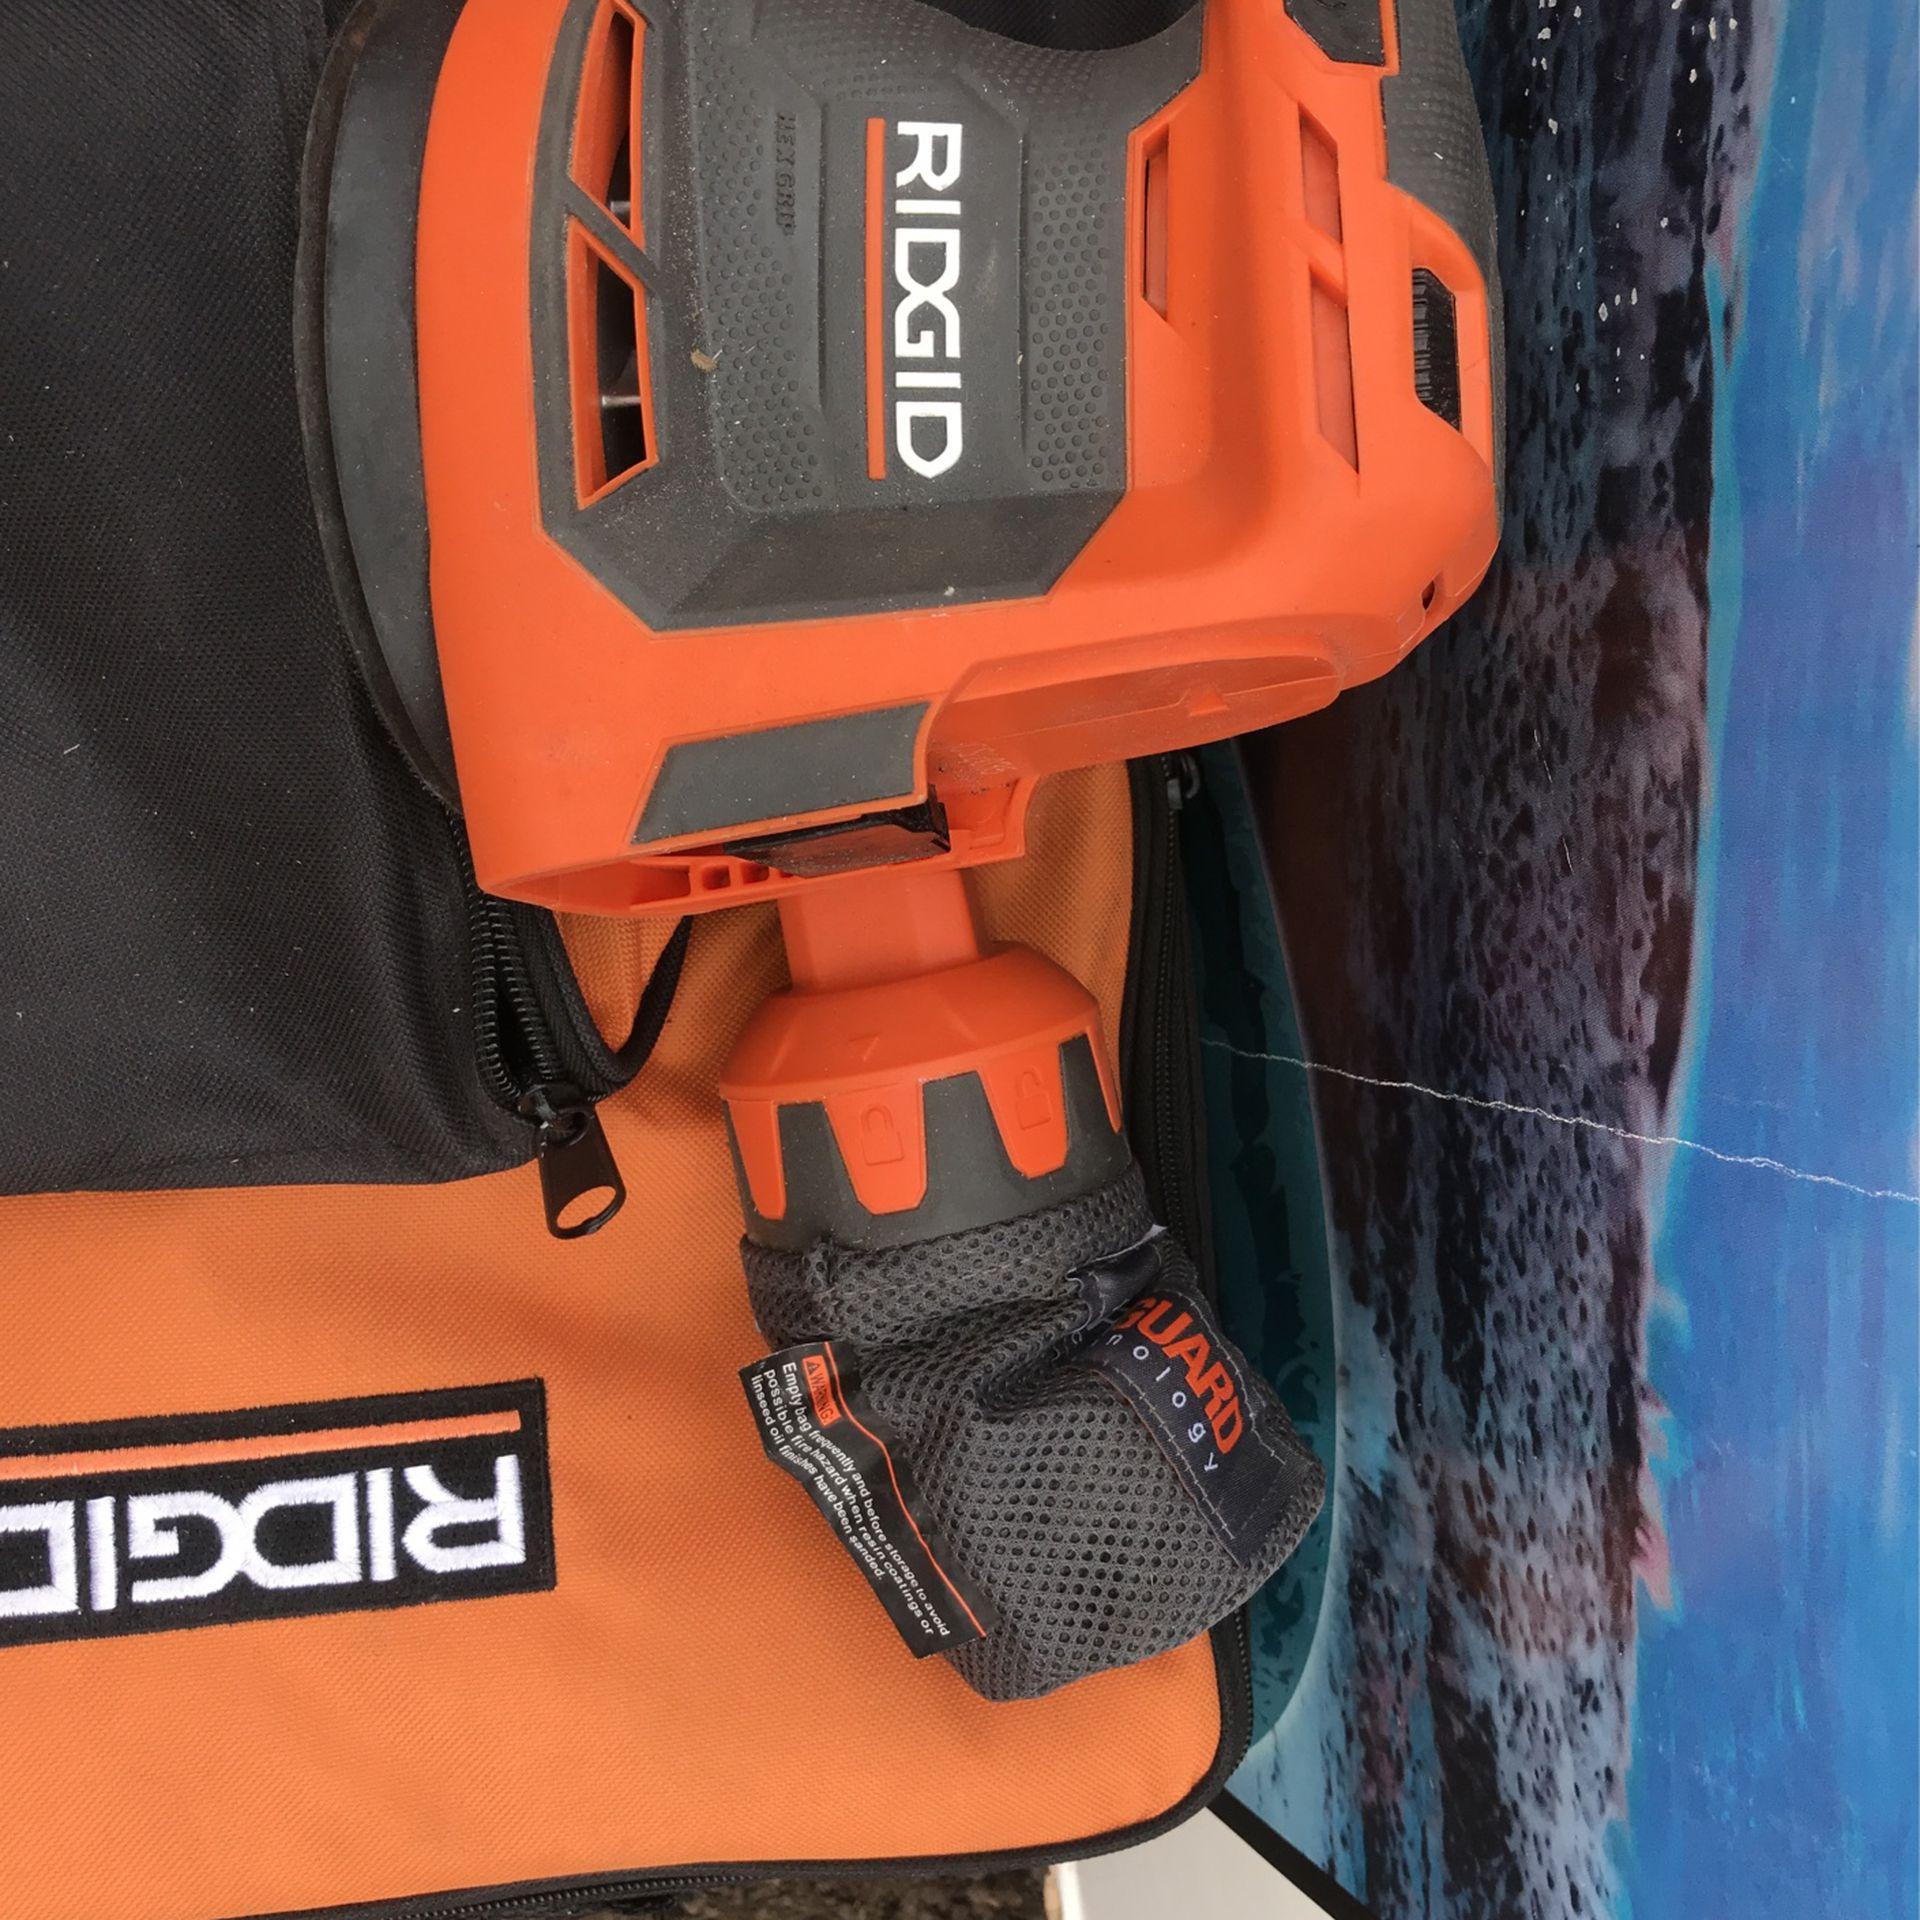 RIDGID 18-Volt Cordless 5 in. Random Orbit Sander Tool Only